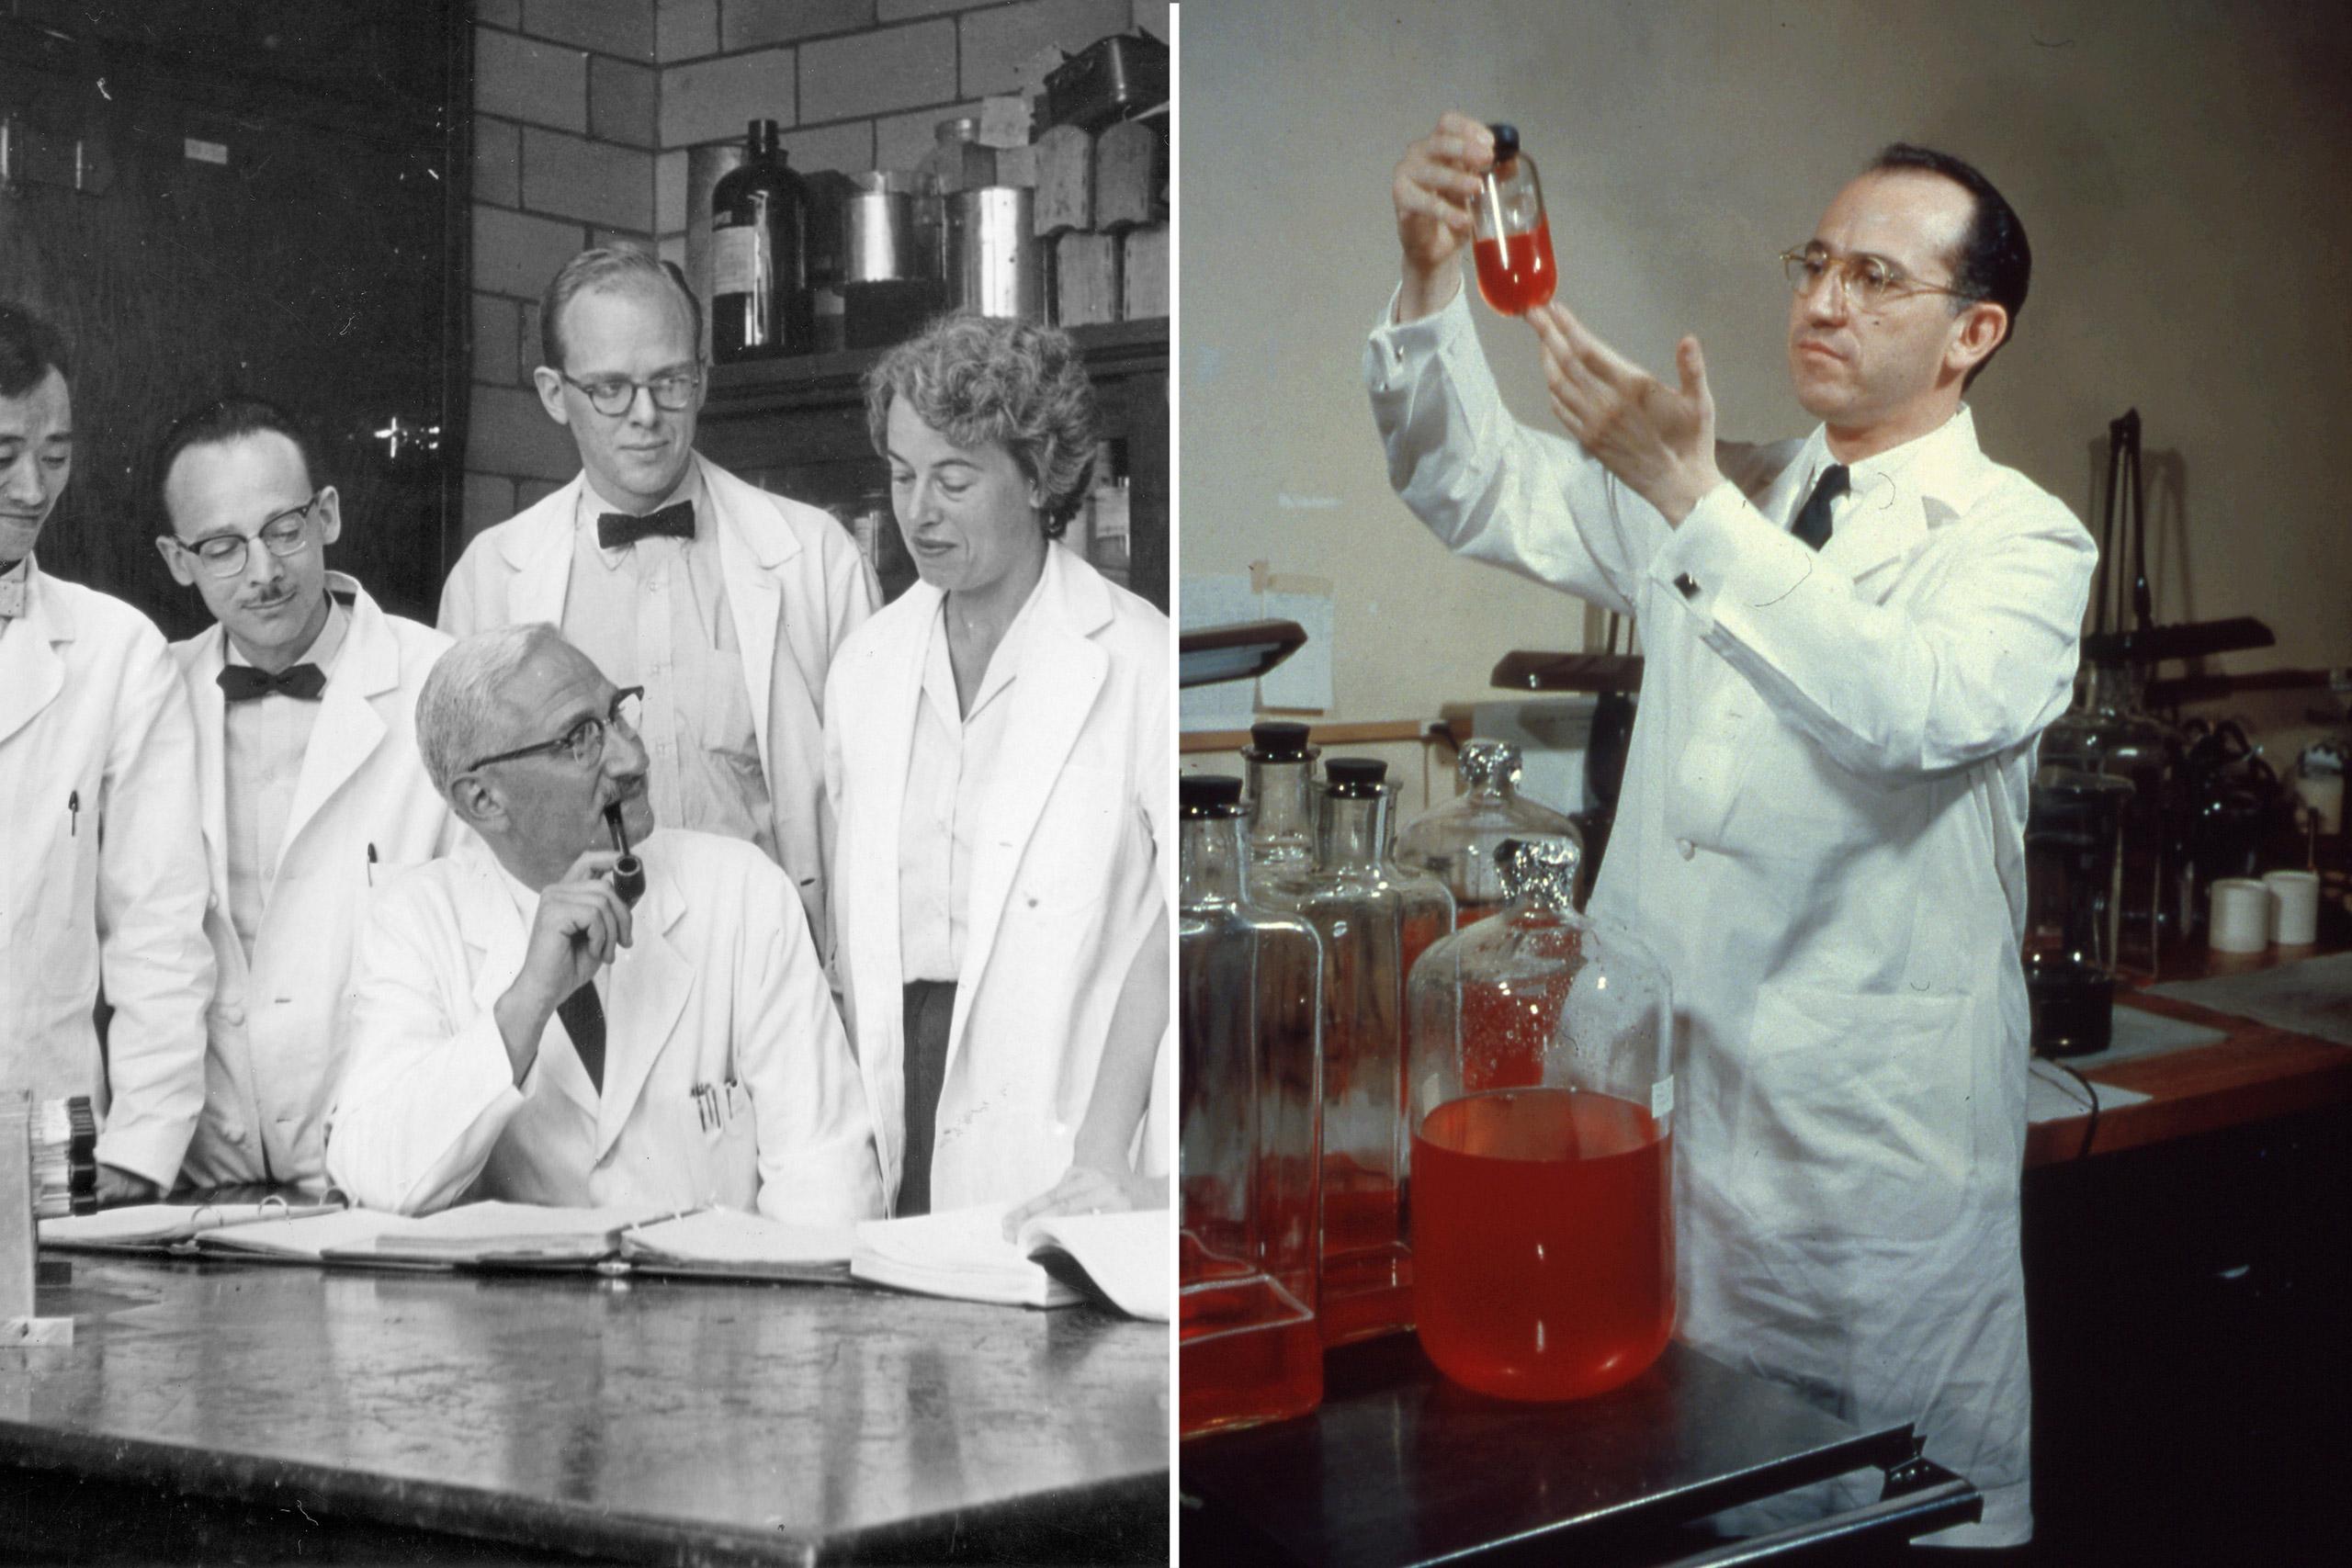 Albert Sabin Jonas Salk Vaccines